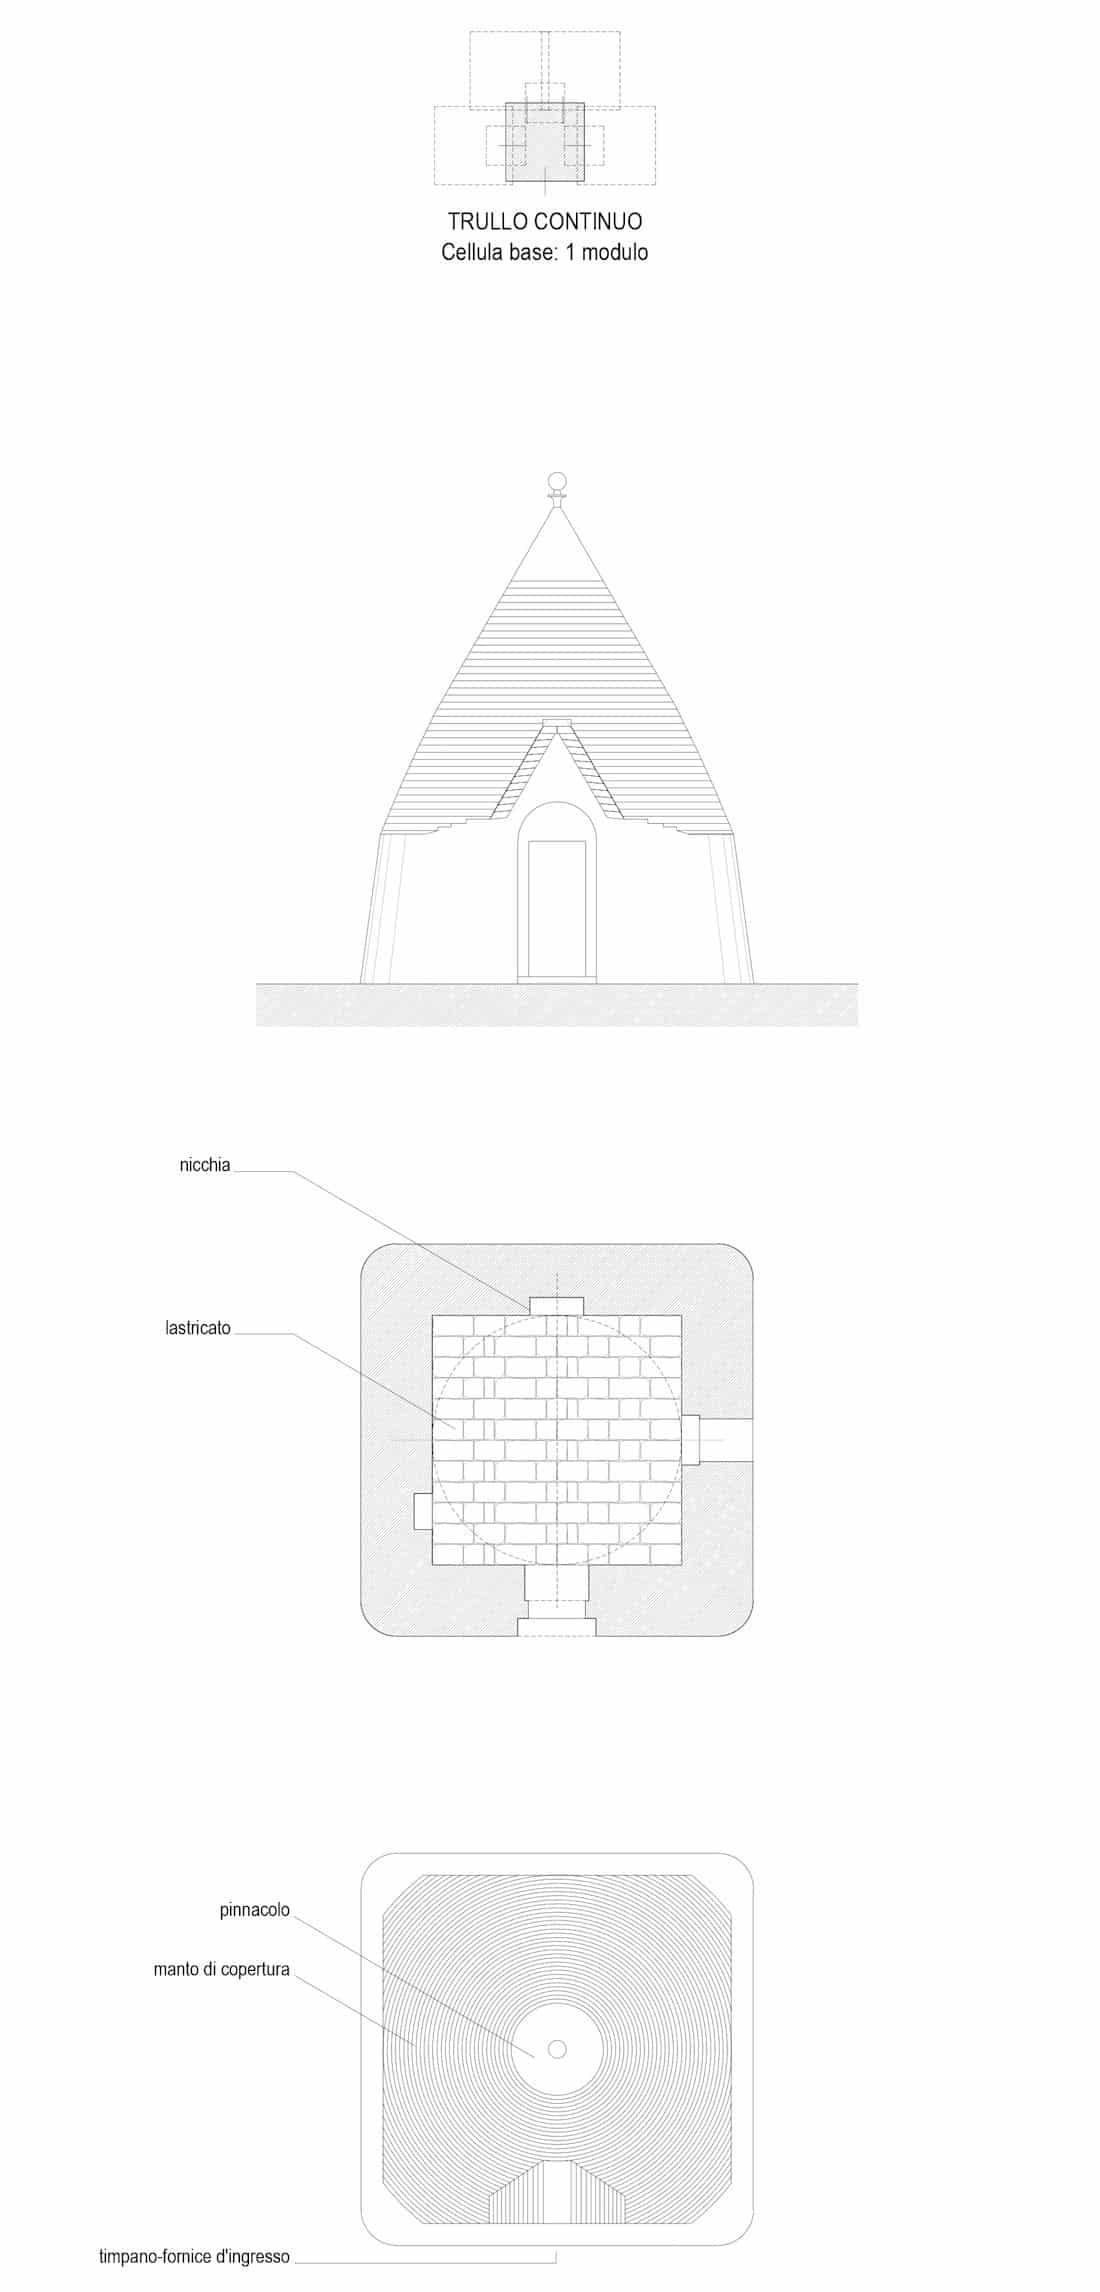 Studio tipologico trulli Cisternino 02